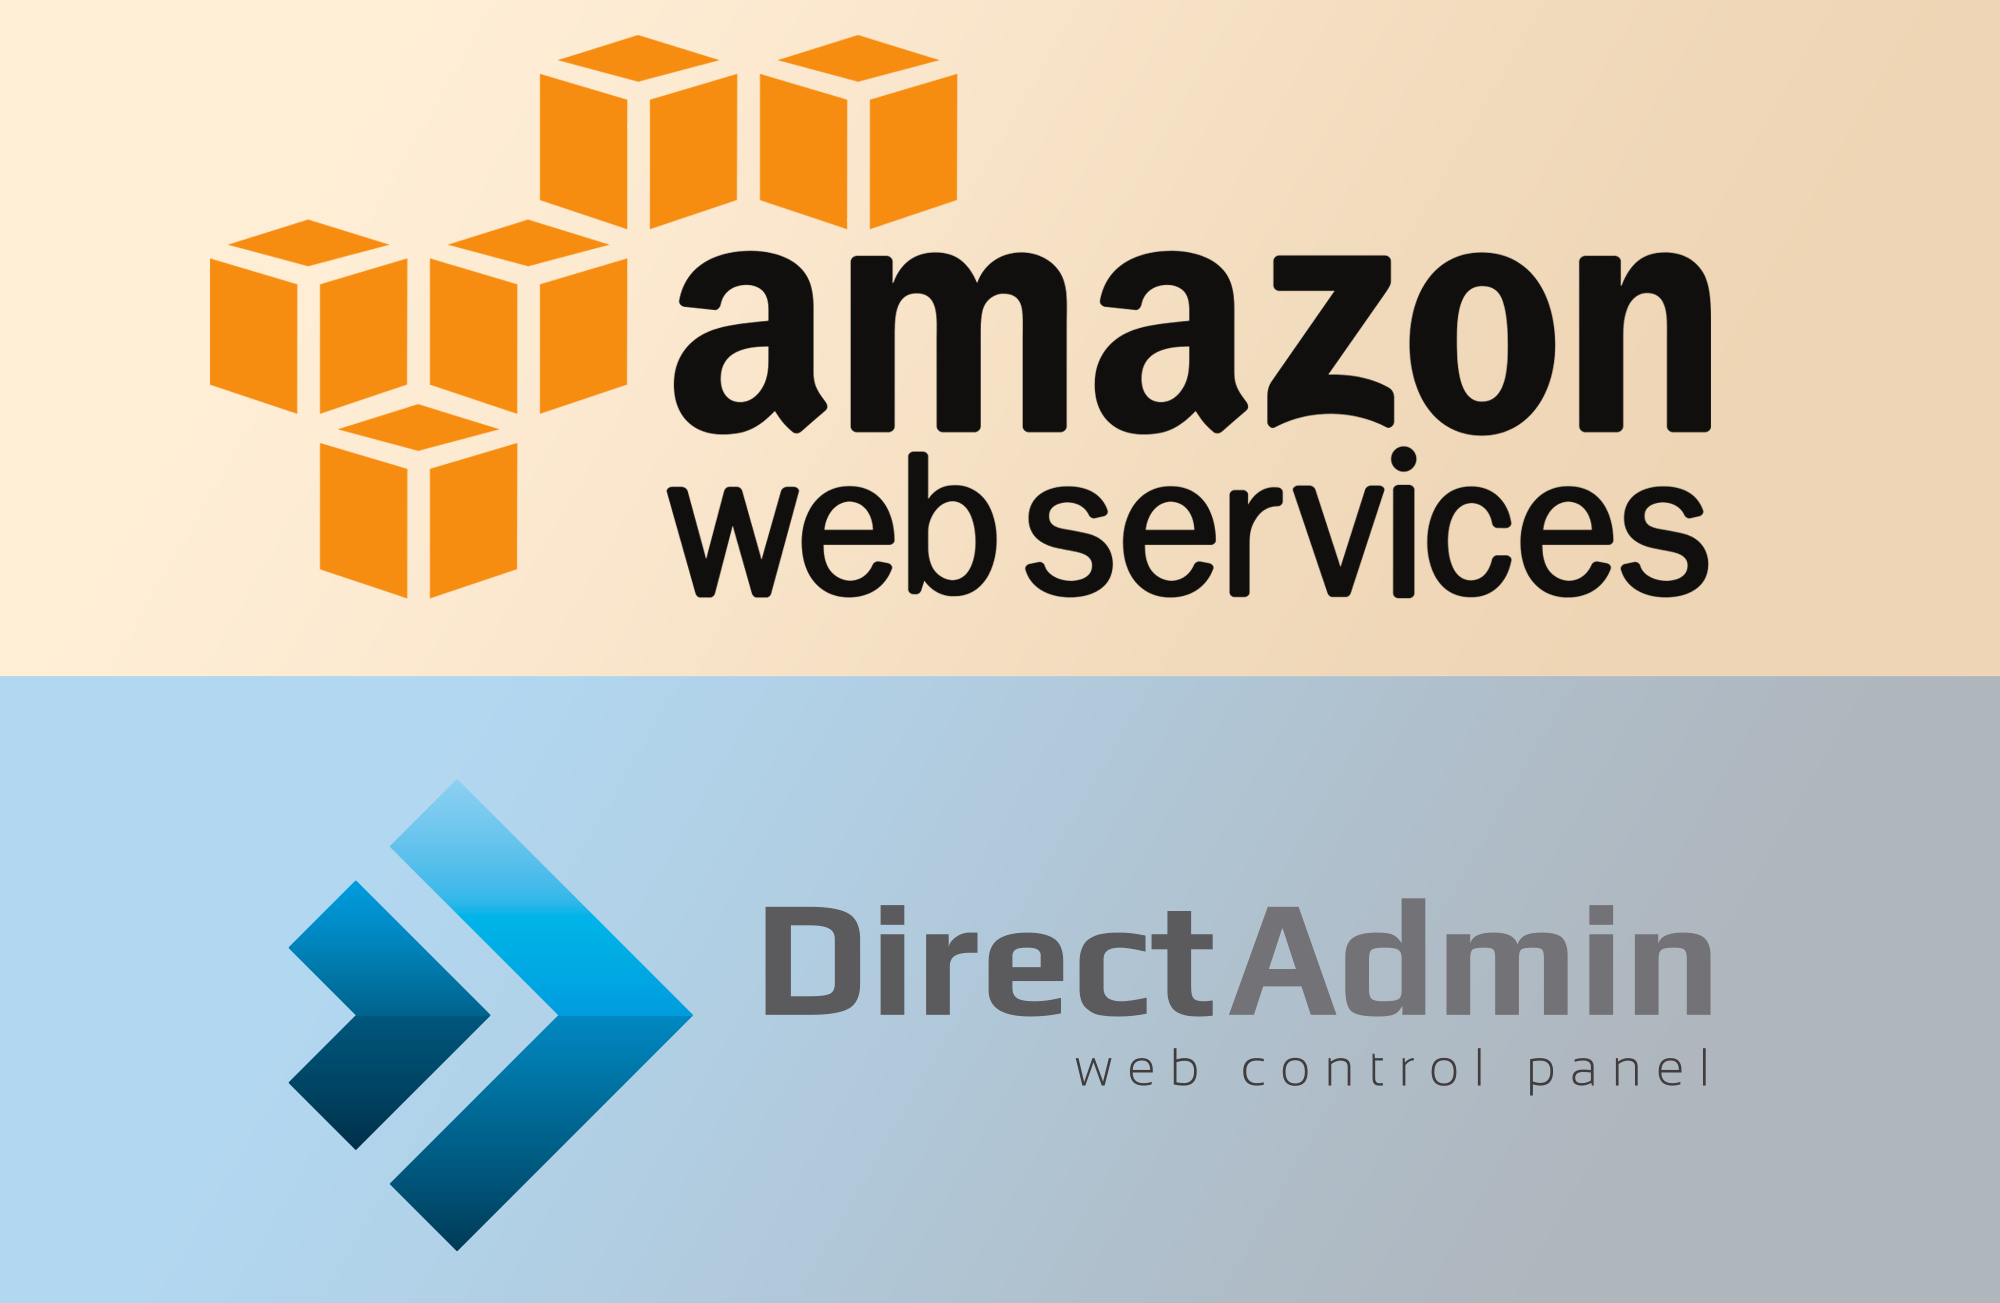 AWS DirectAdmin